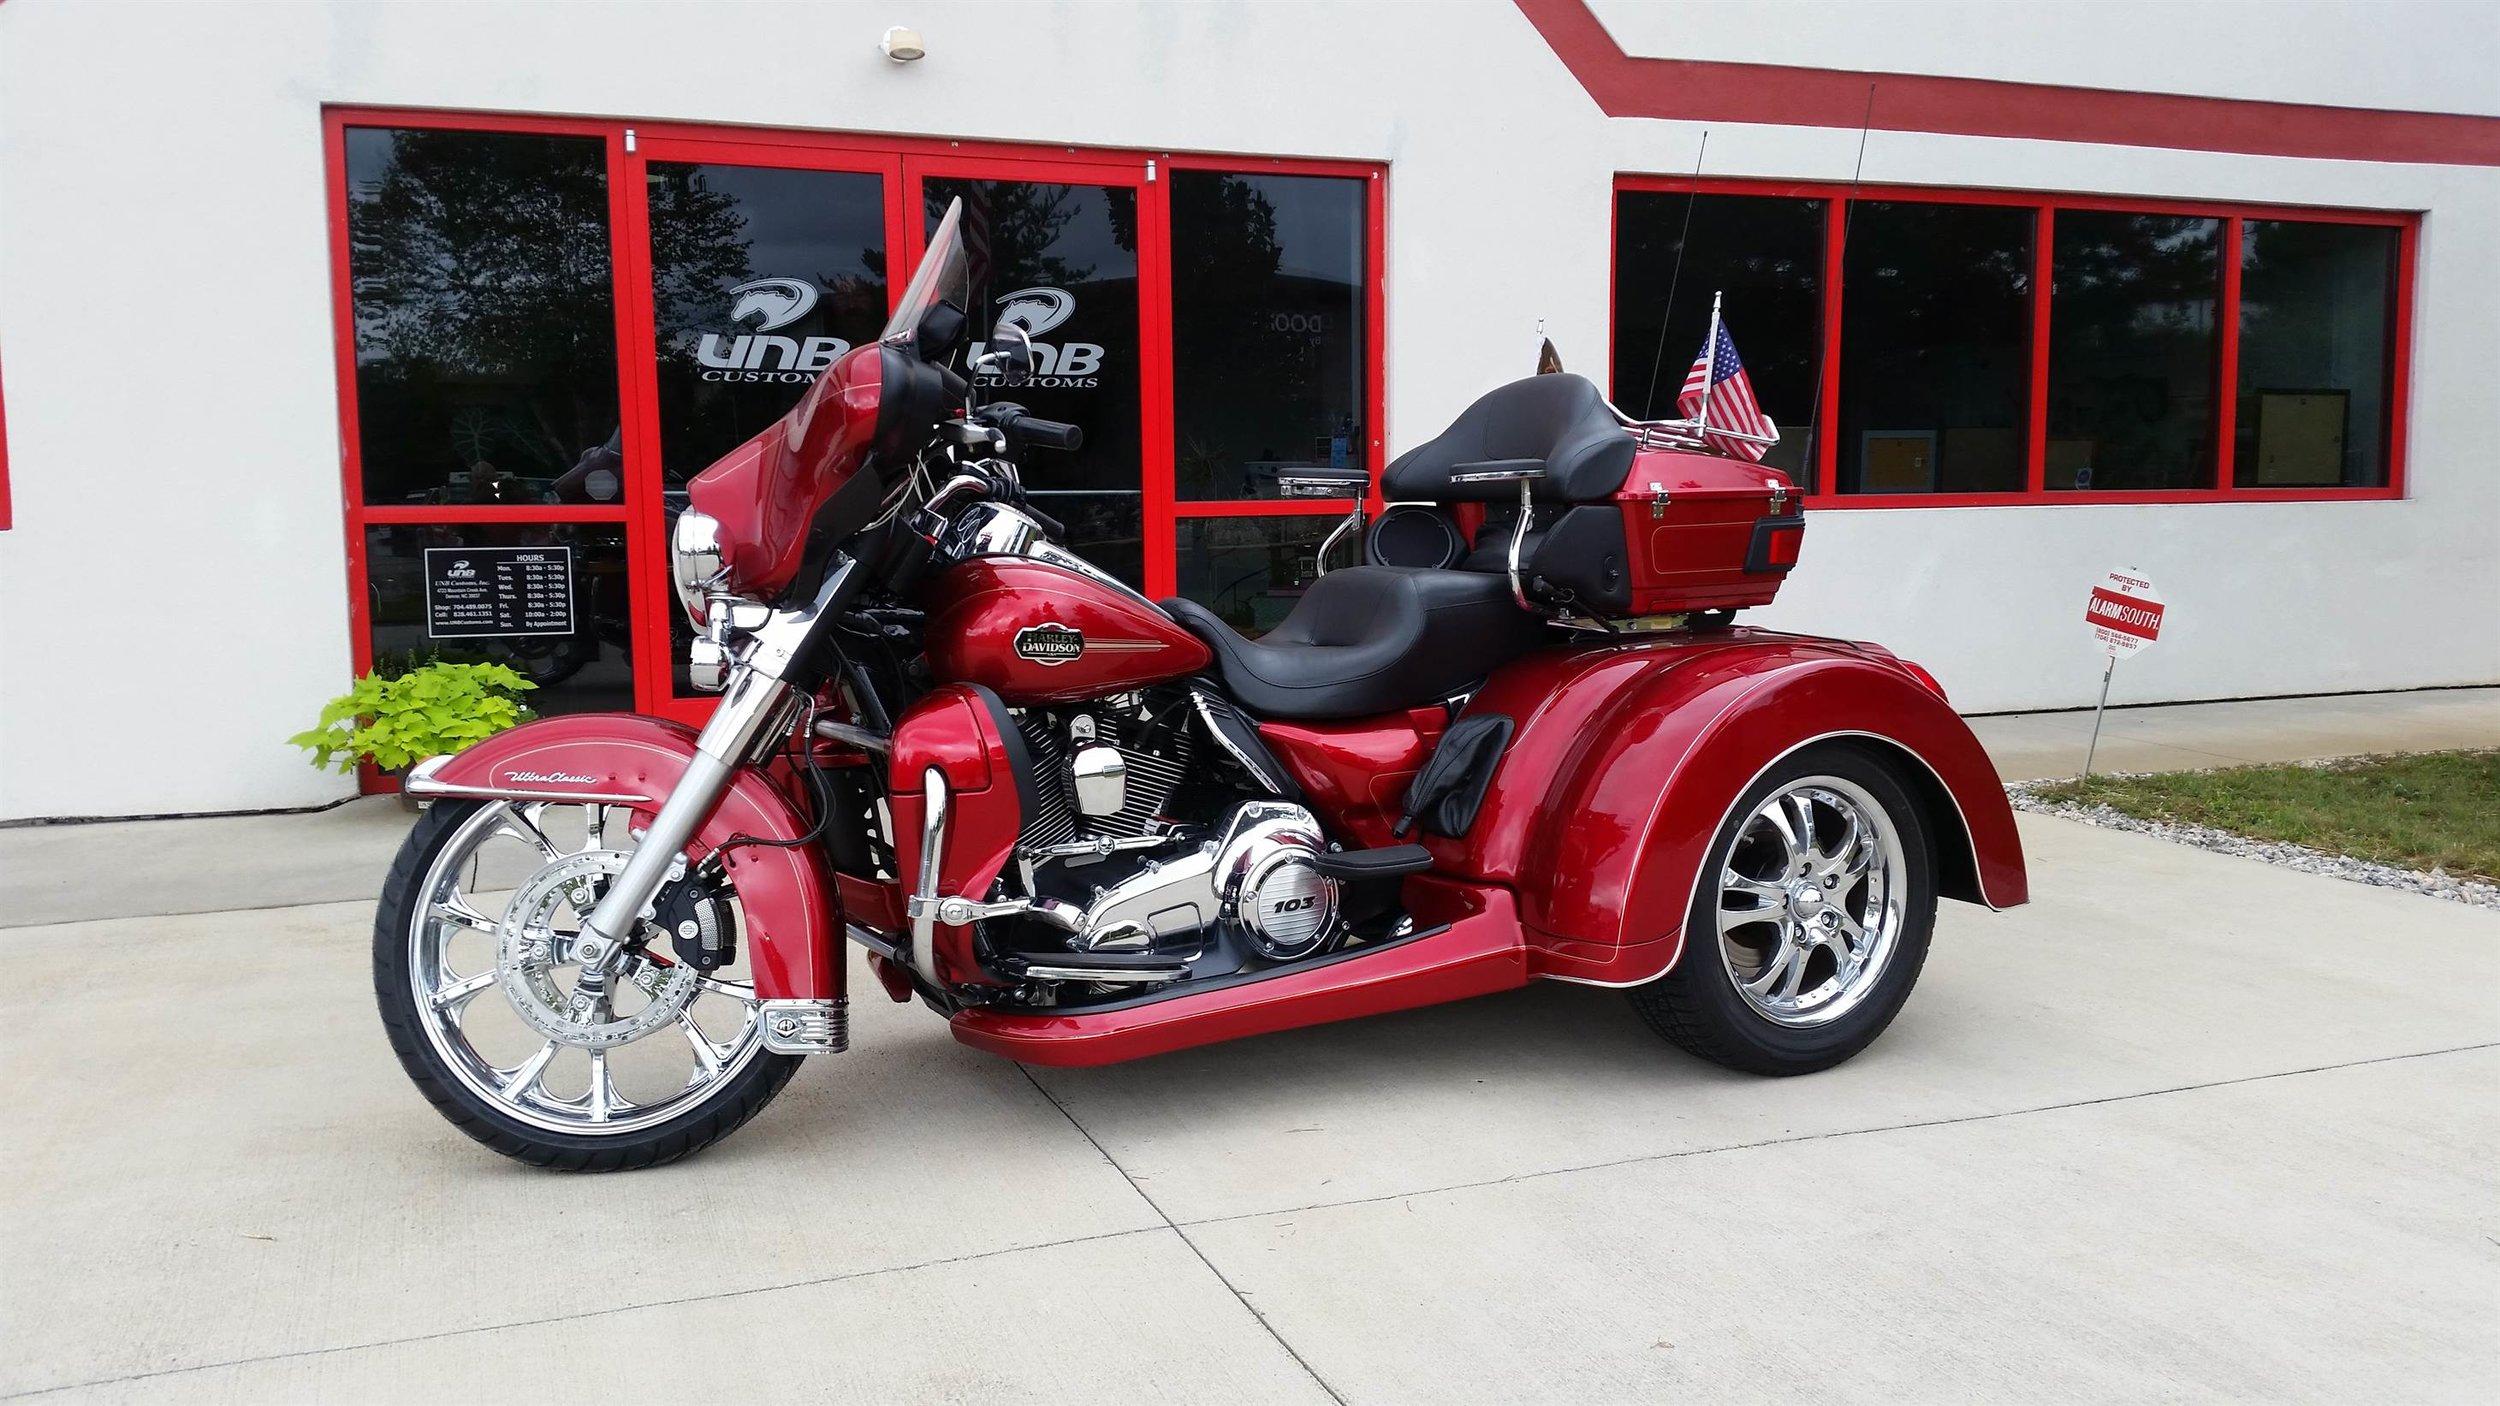 Harley Davidson Touring Trike Kits Unb Customs Trike Custom Shop